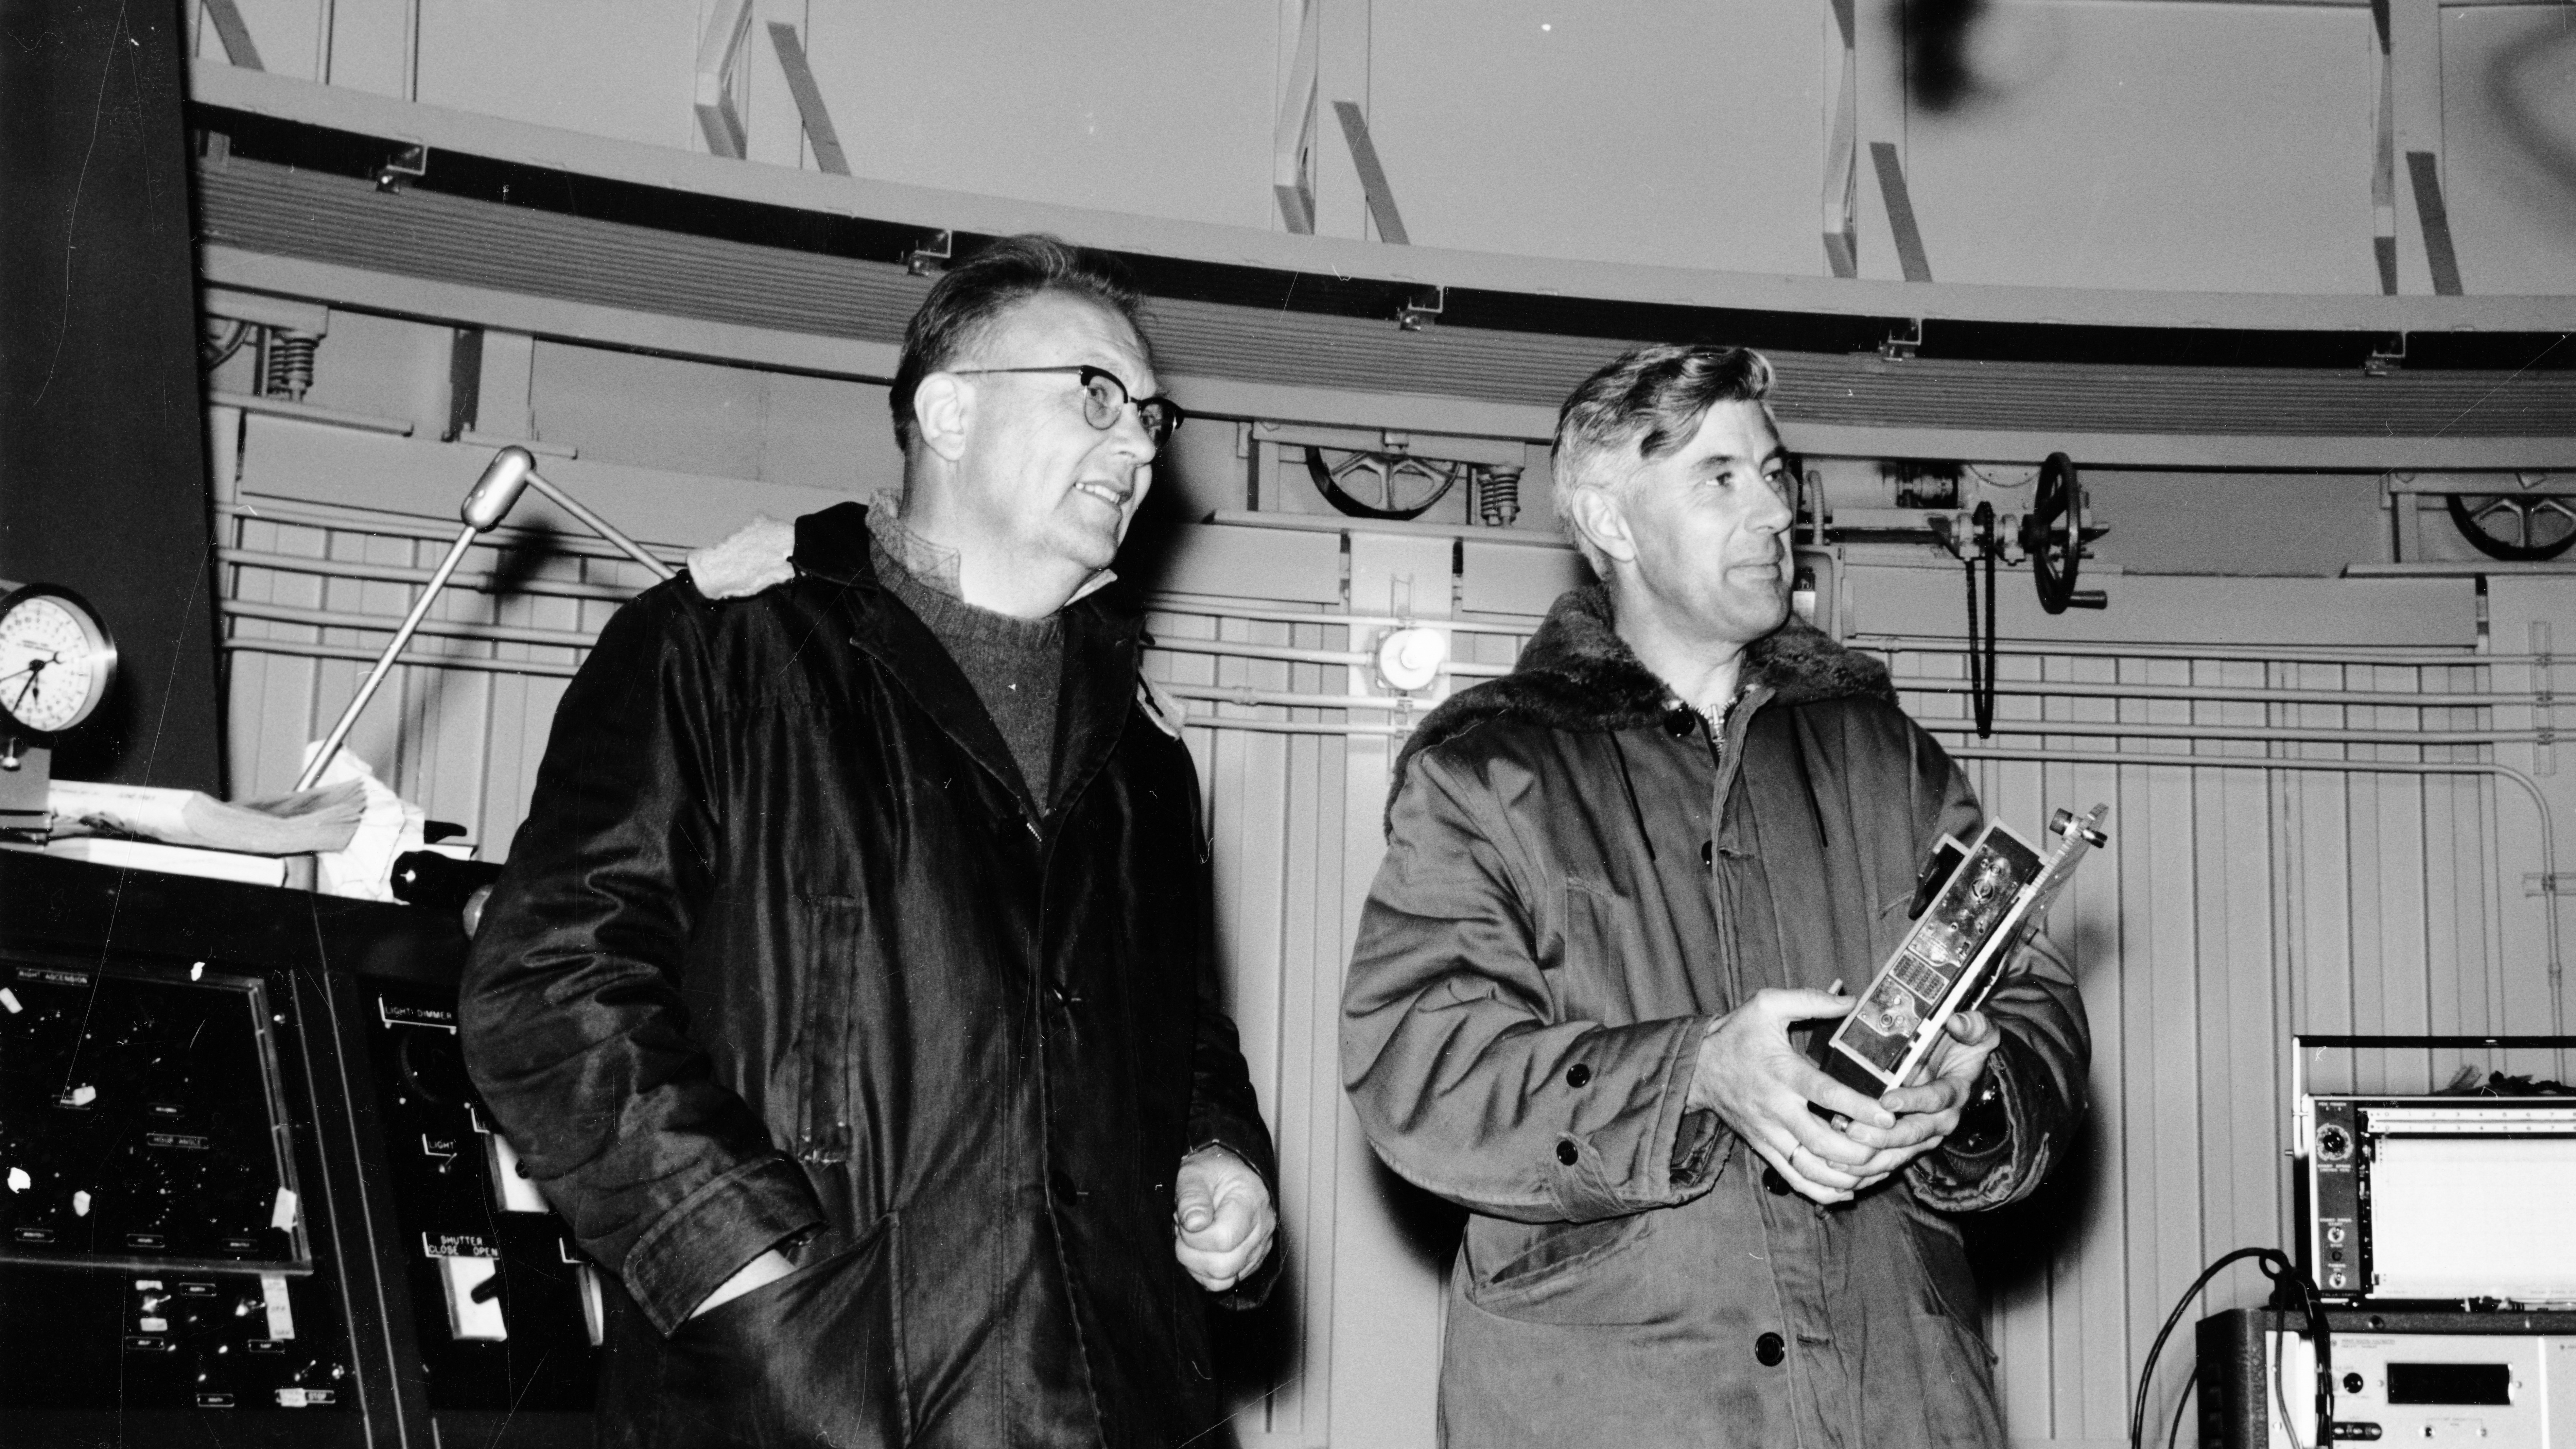 Kuiper and Whitaker